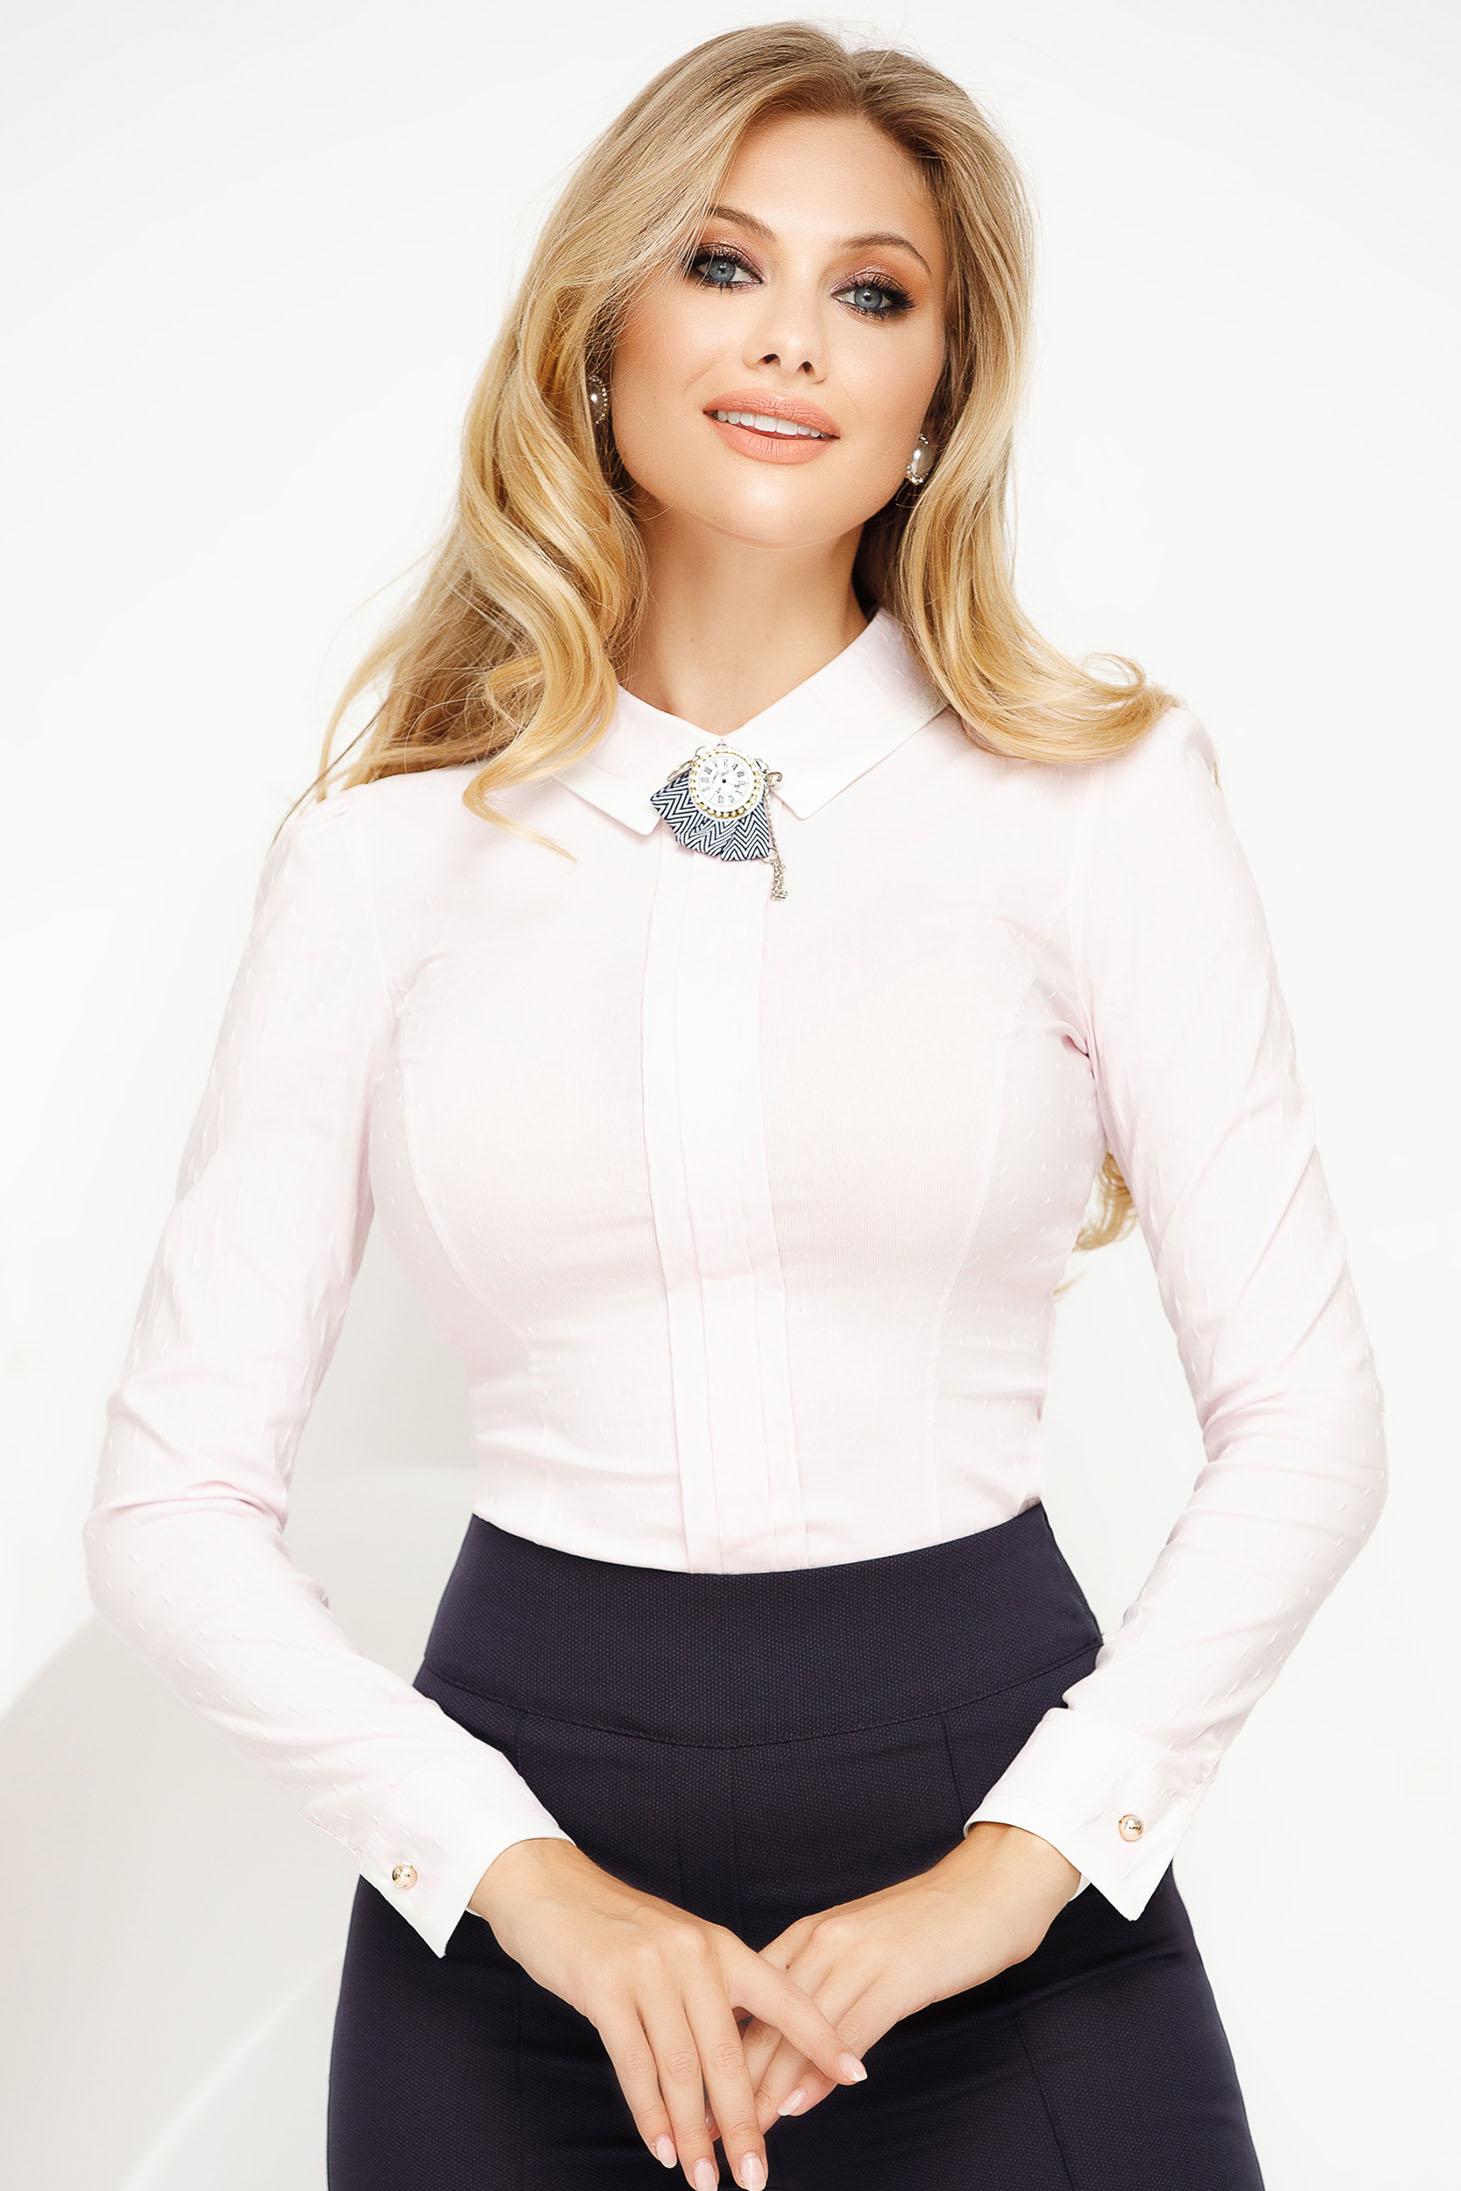 Body Fofy roz deschis office cu un croi mulat din bumbac usor elastic accesorizat cu brosa